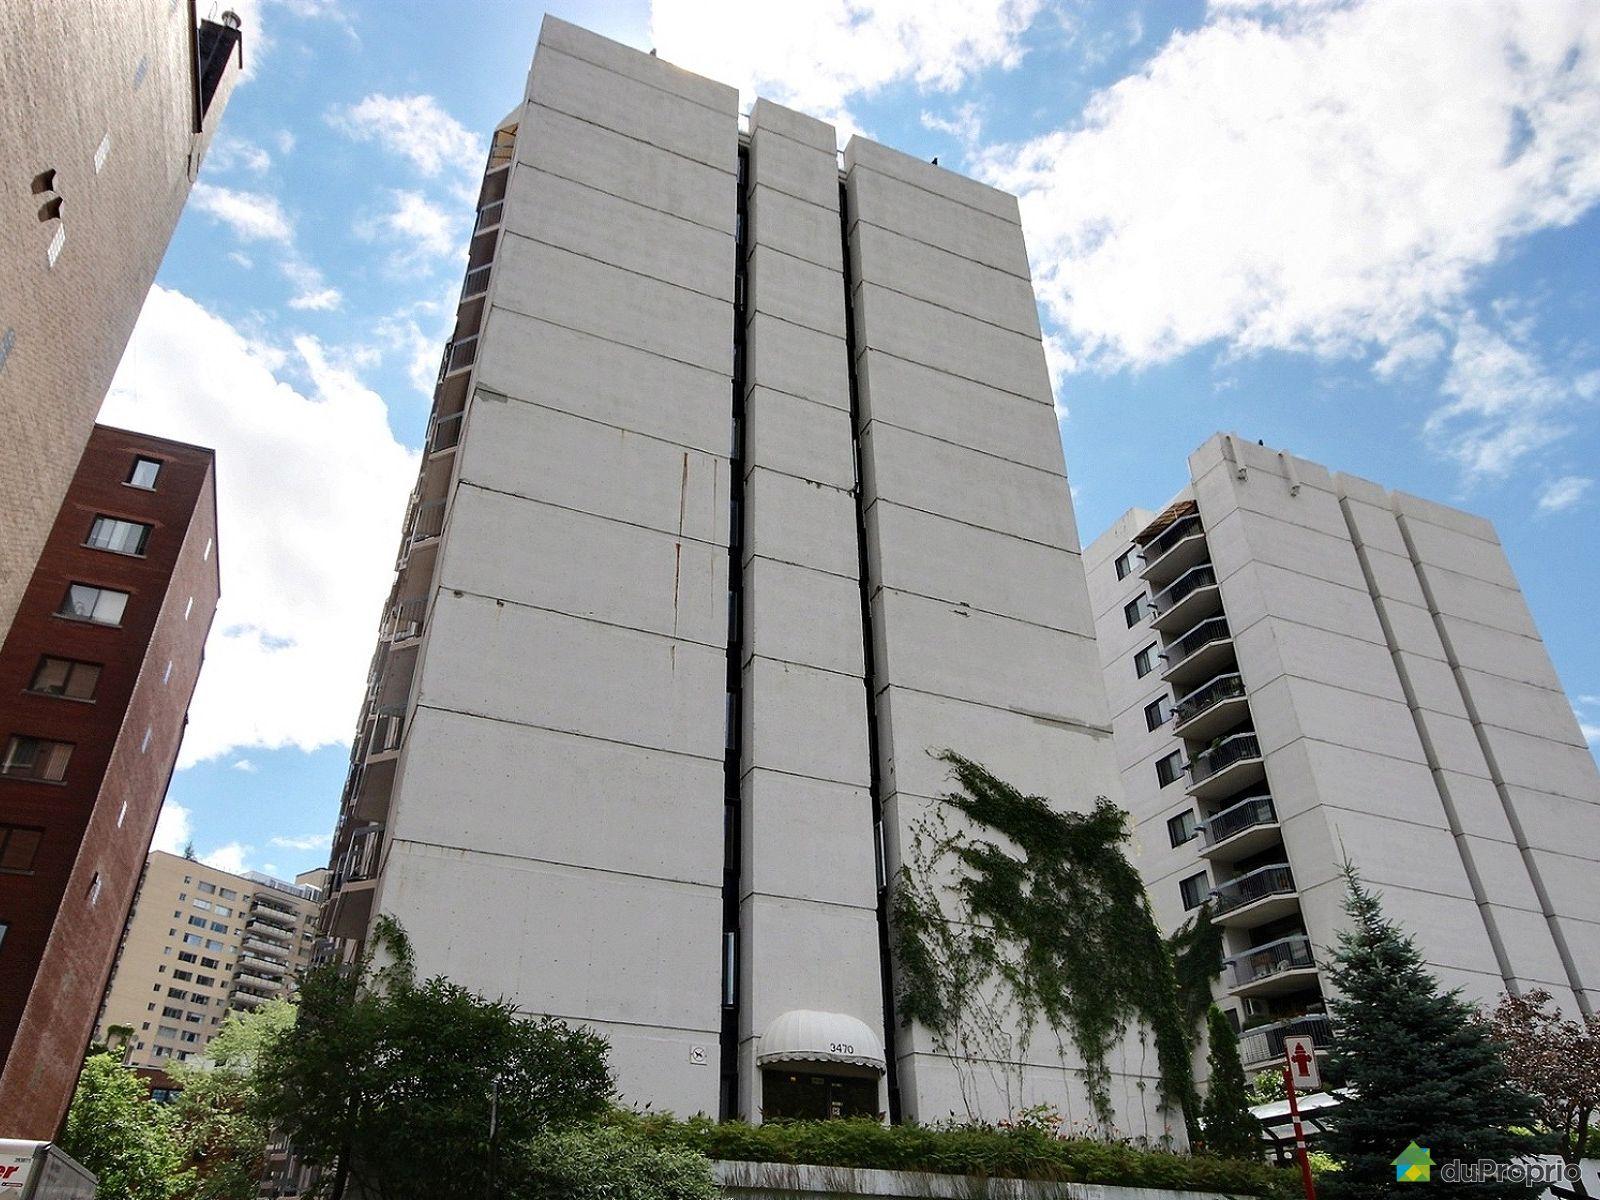 Condo vendre montr al 612 3470 rue simpson immobilier for Piscine exterieur montreal